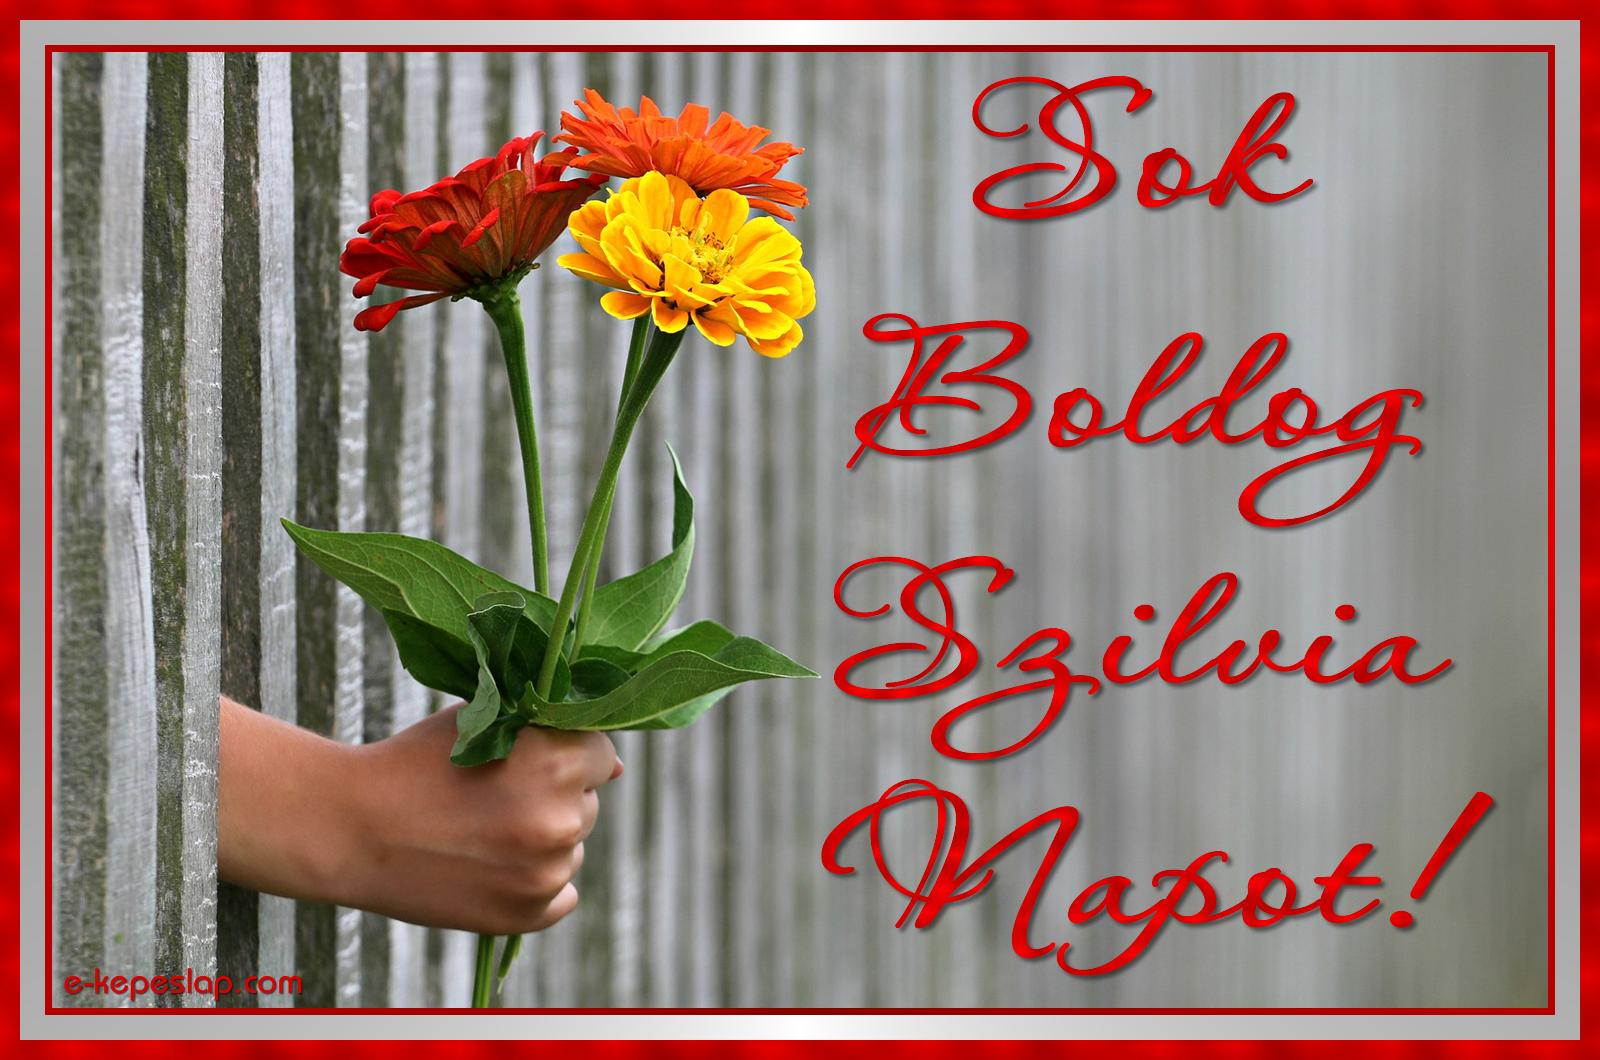 szilvia napi köszöntő Képeslap Szilvia névnapra   Képeslapküldés   e kepeslap.com szilvia napi köszöntő